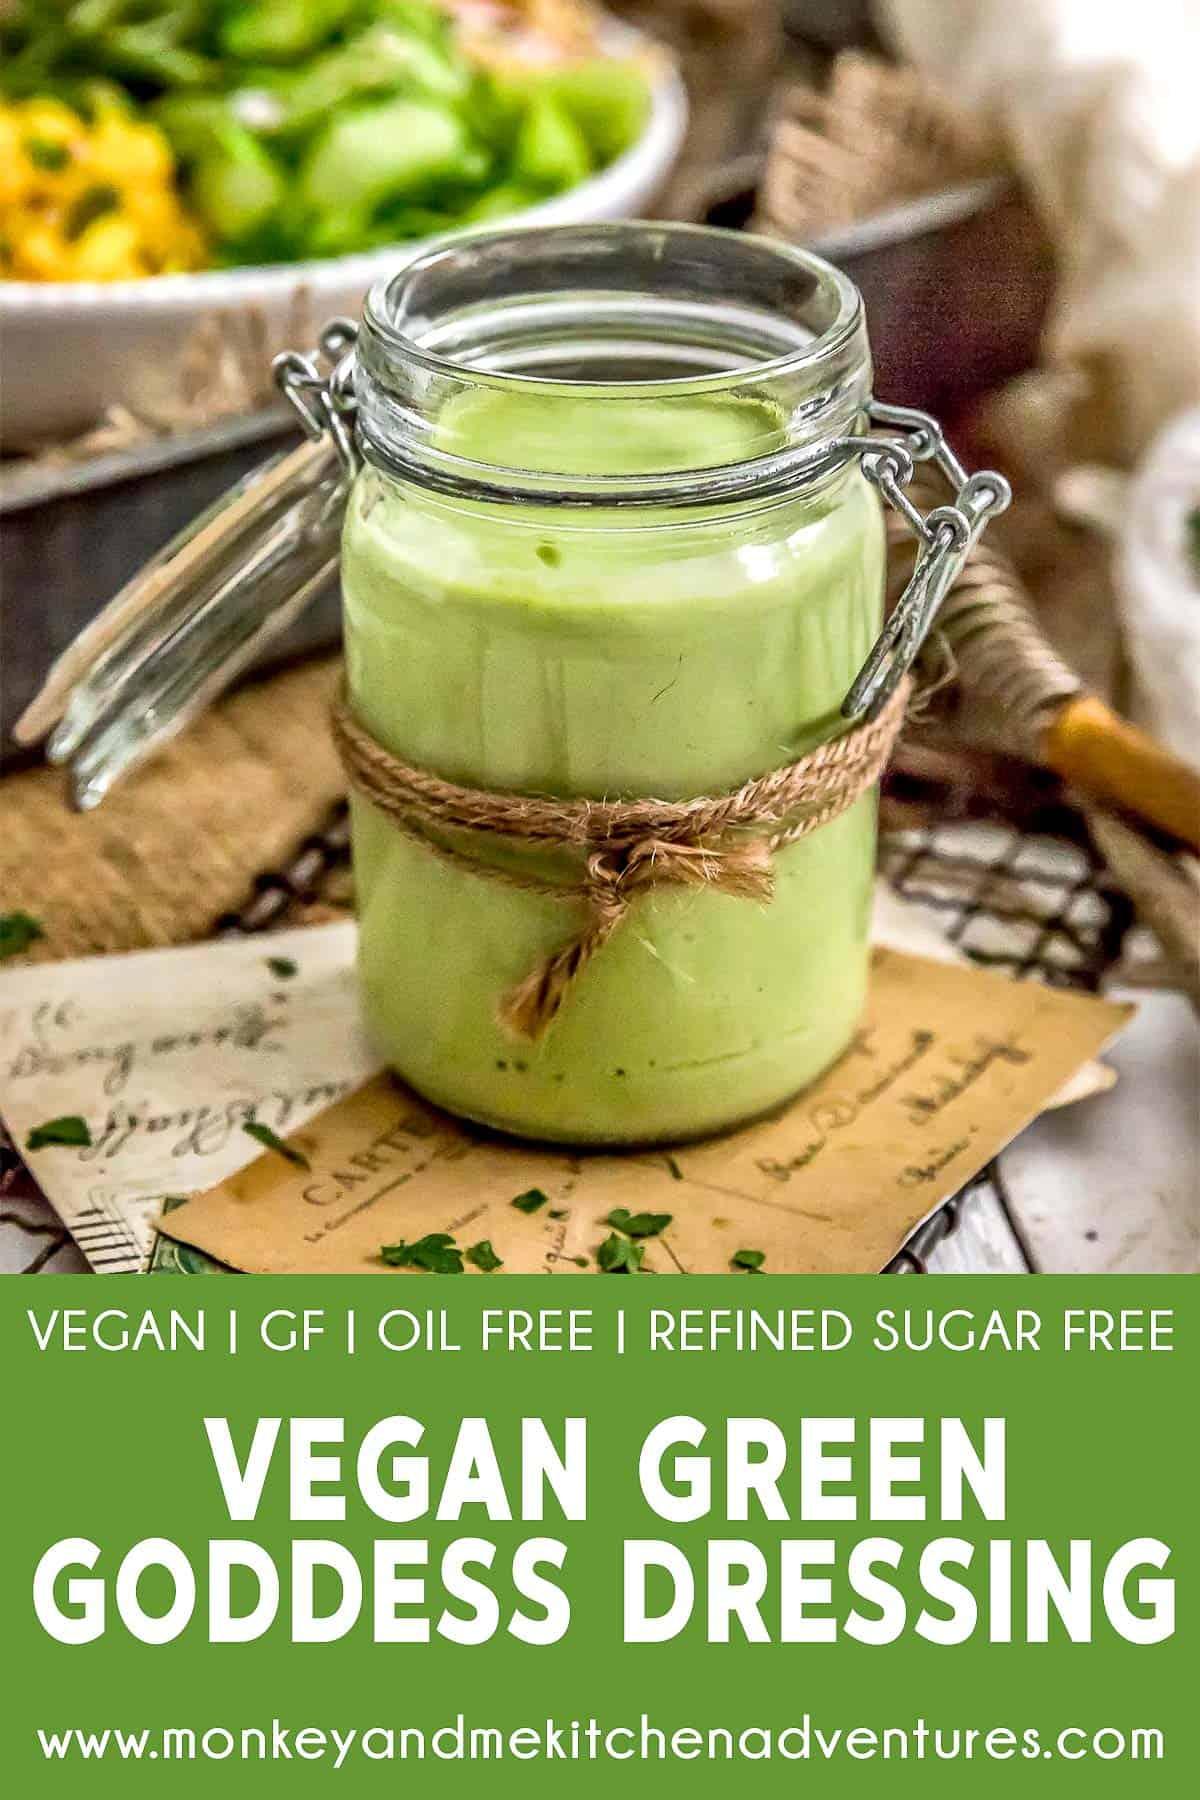 Vegan Green Goddess Dressing with text description